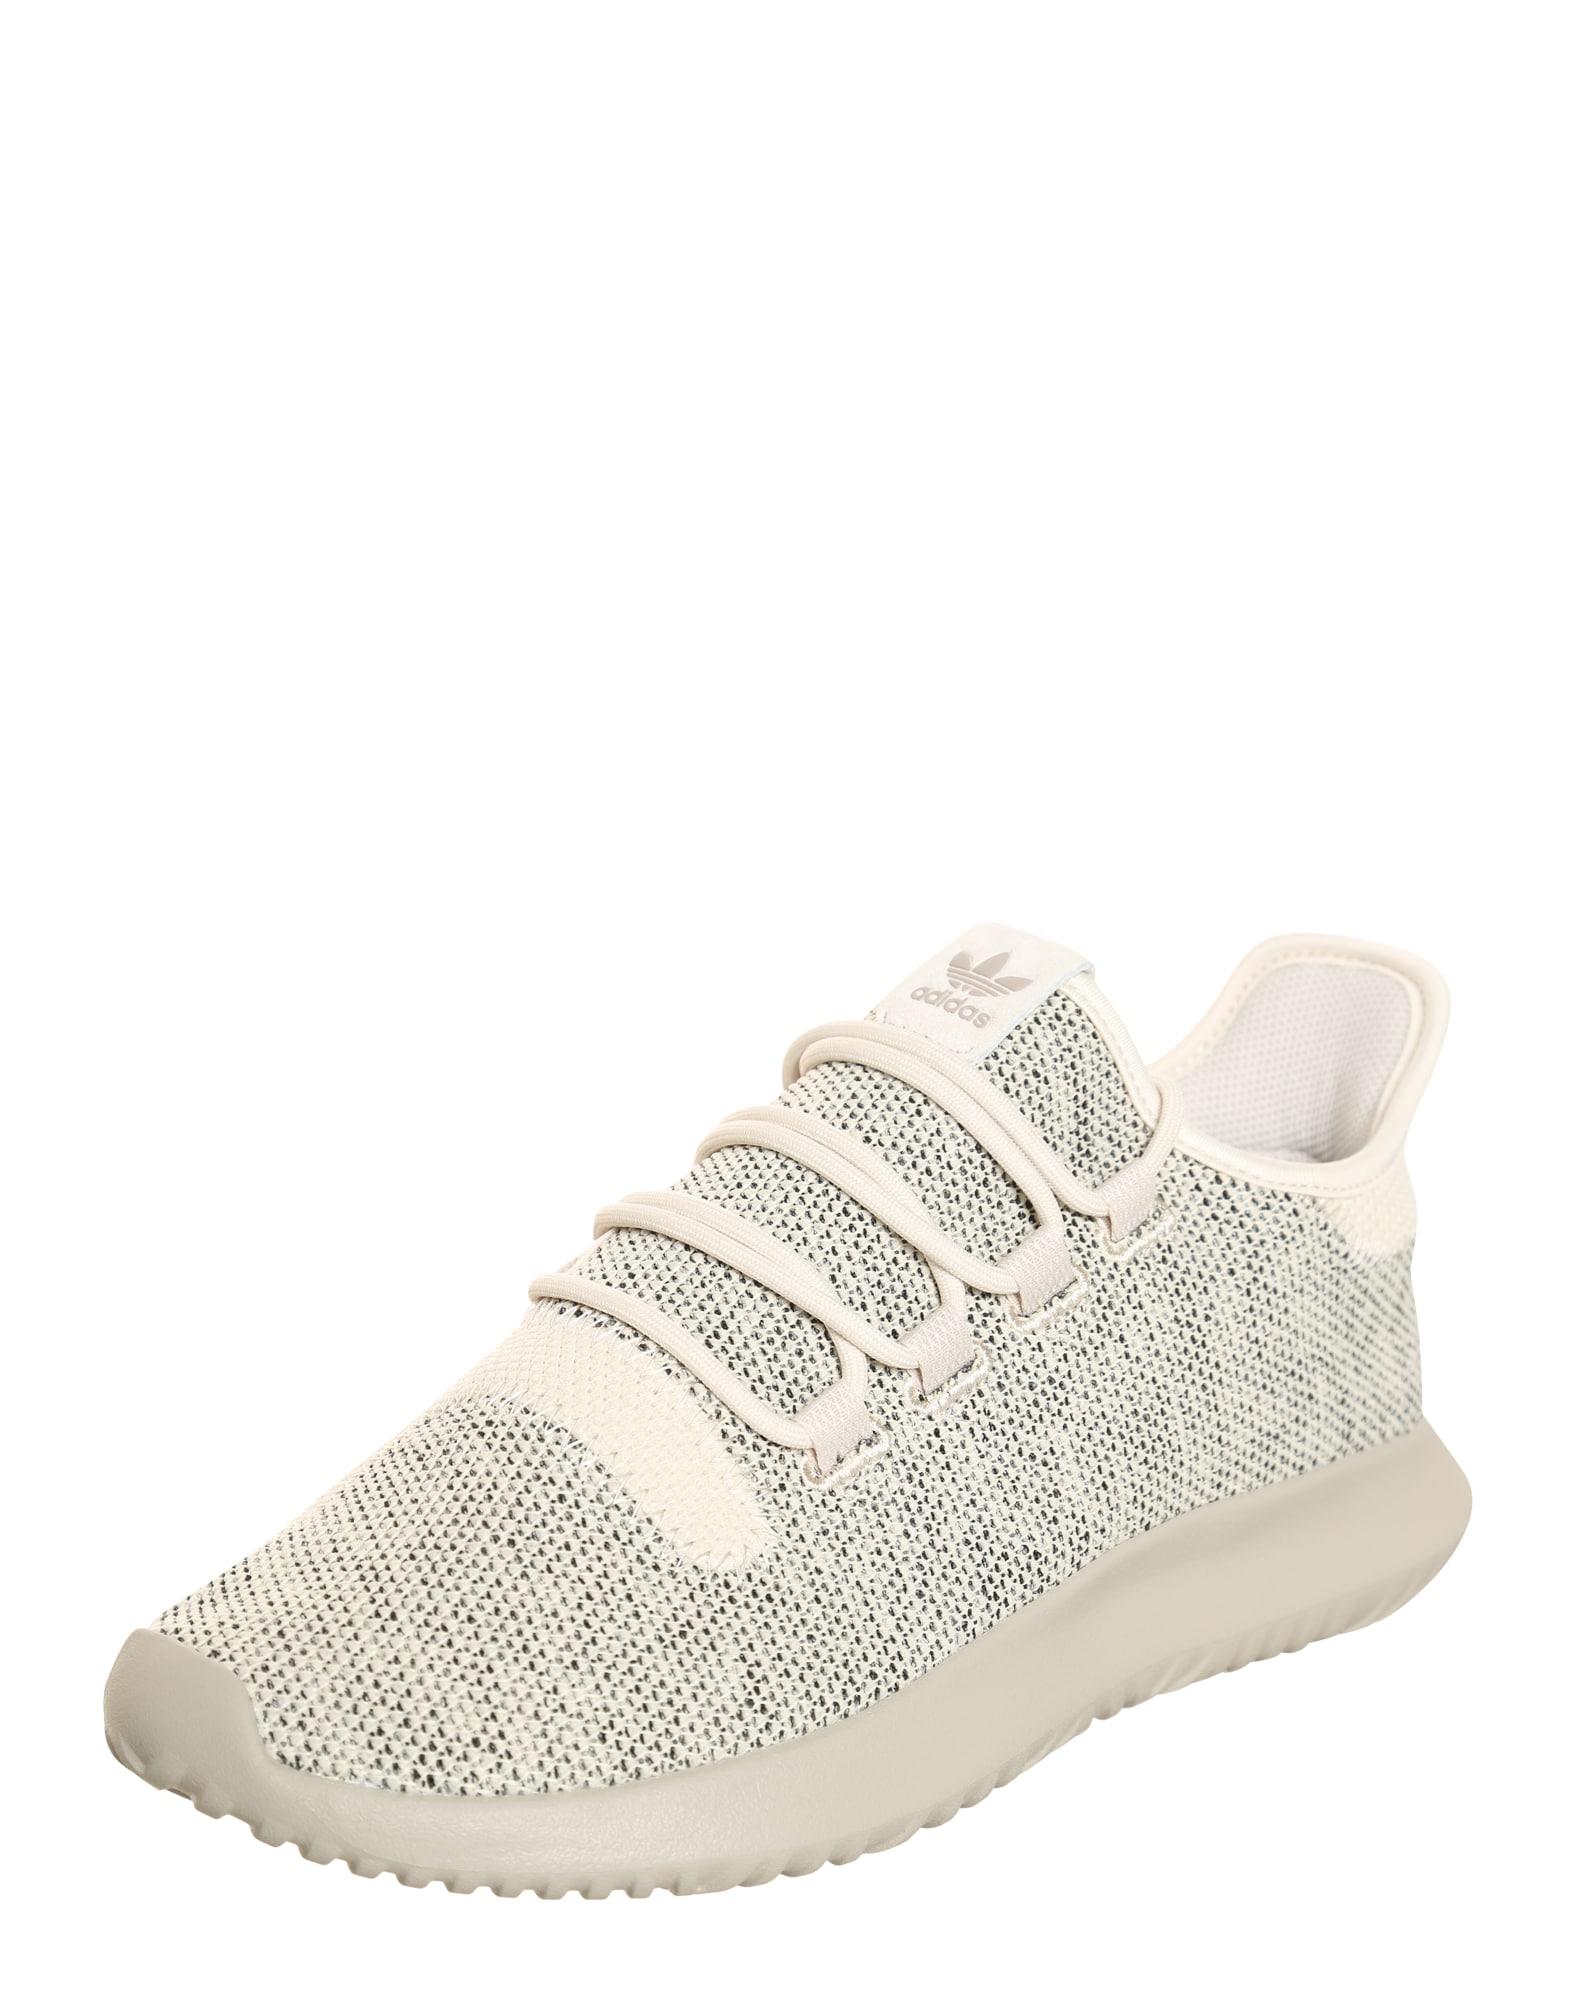 ADIDAS ORIGINALS, Dames Sneakers laag 'Tubular Shadow K', beige / grijs